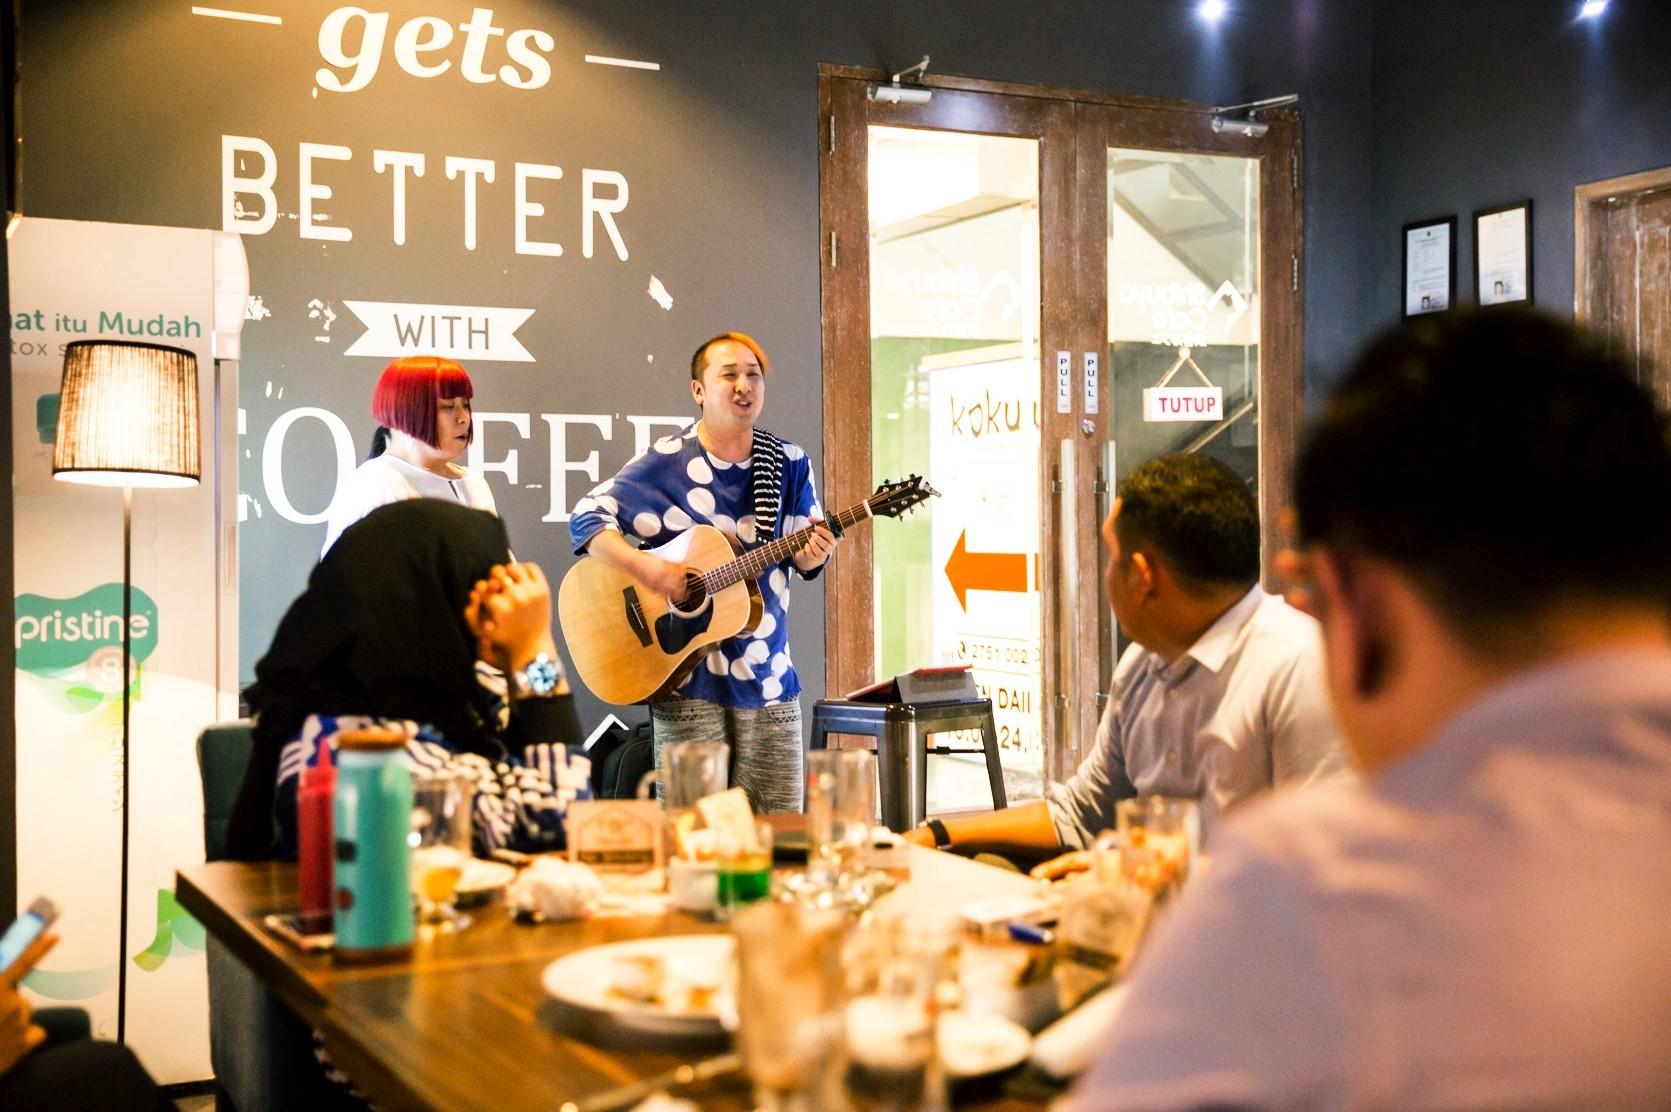 ジャカルタ ブロックMのカフェでライブ@Shibuya Cafe